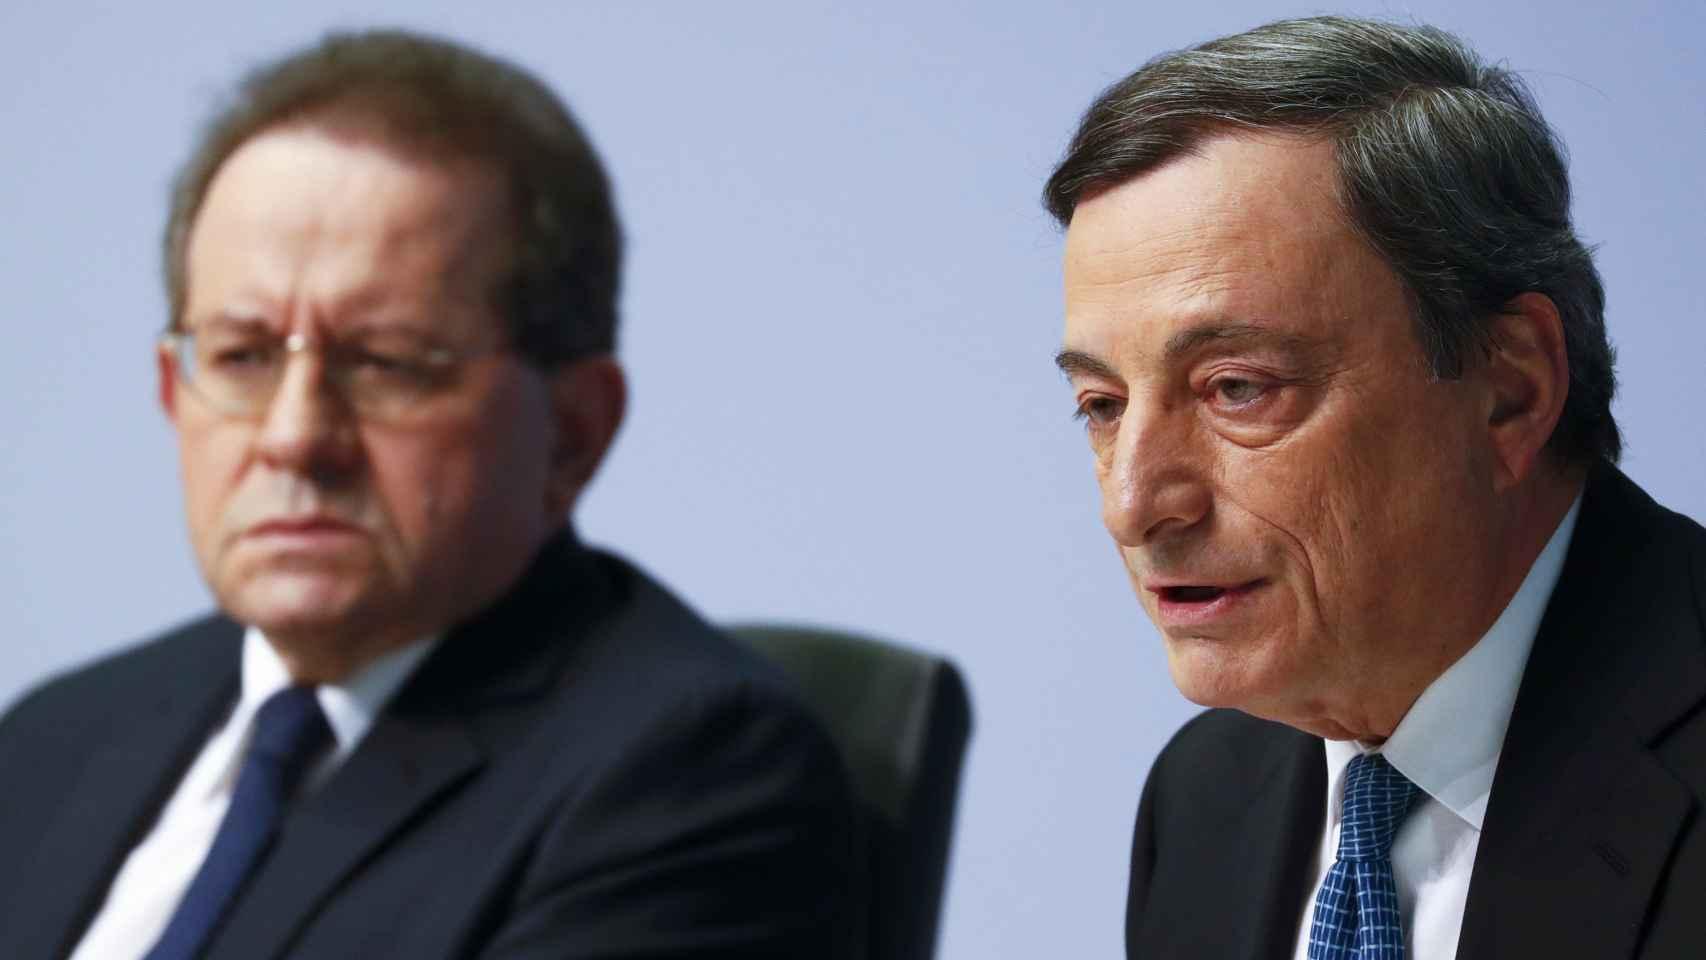 El presidente del BCE, Mario Draghi, junto al vicepresidente Vítor Constâncio